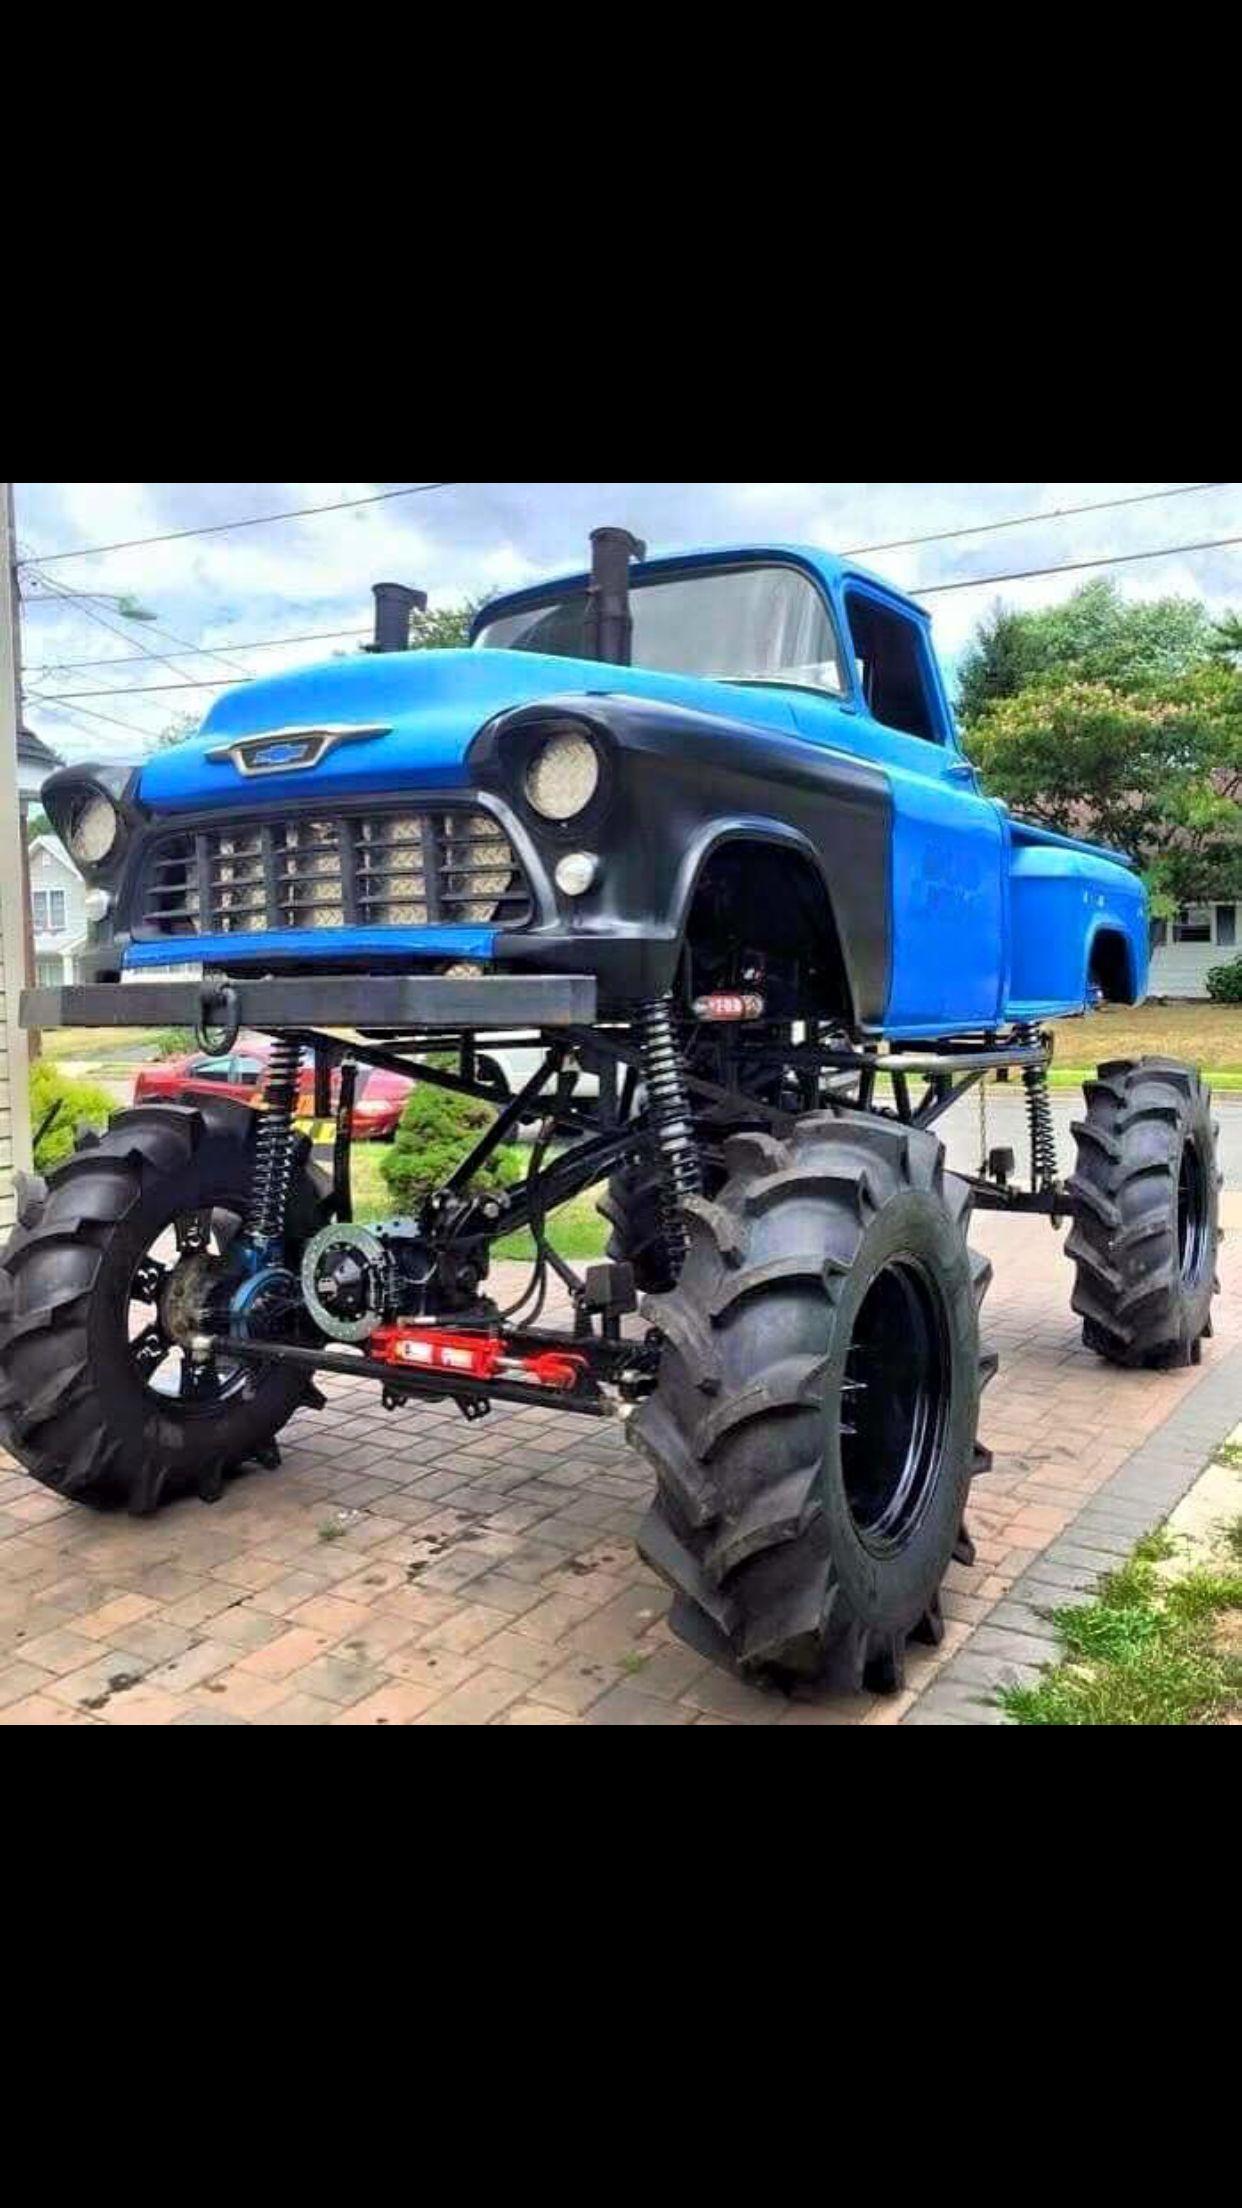 56 Chevrolet Mudder Monster Trucks Chevy Stepside Mud Trucks